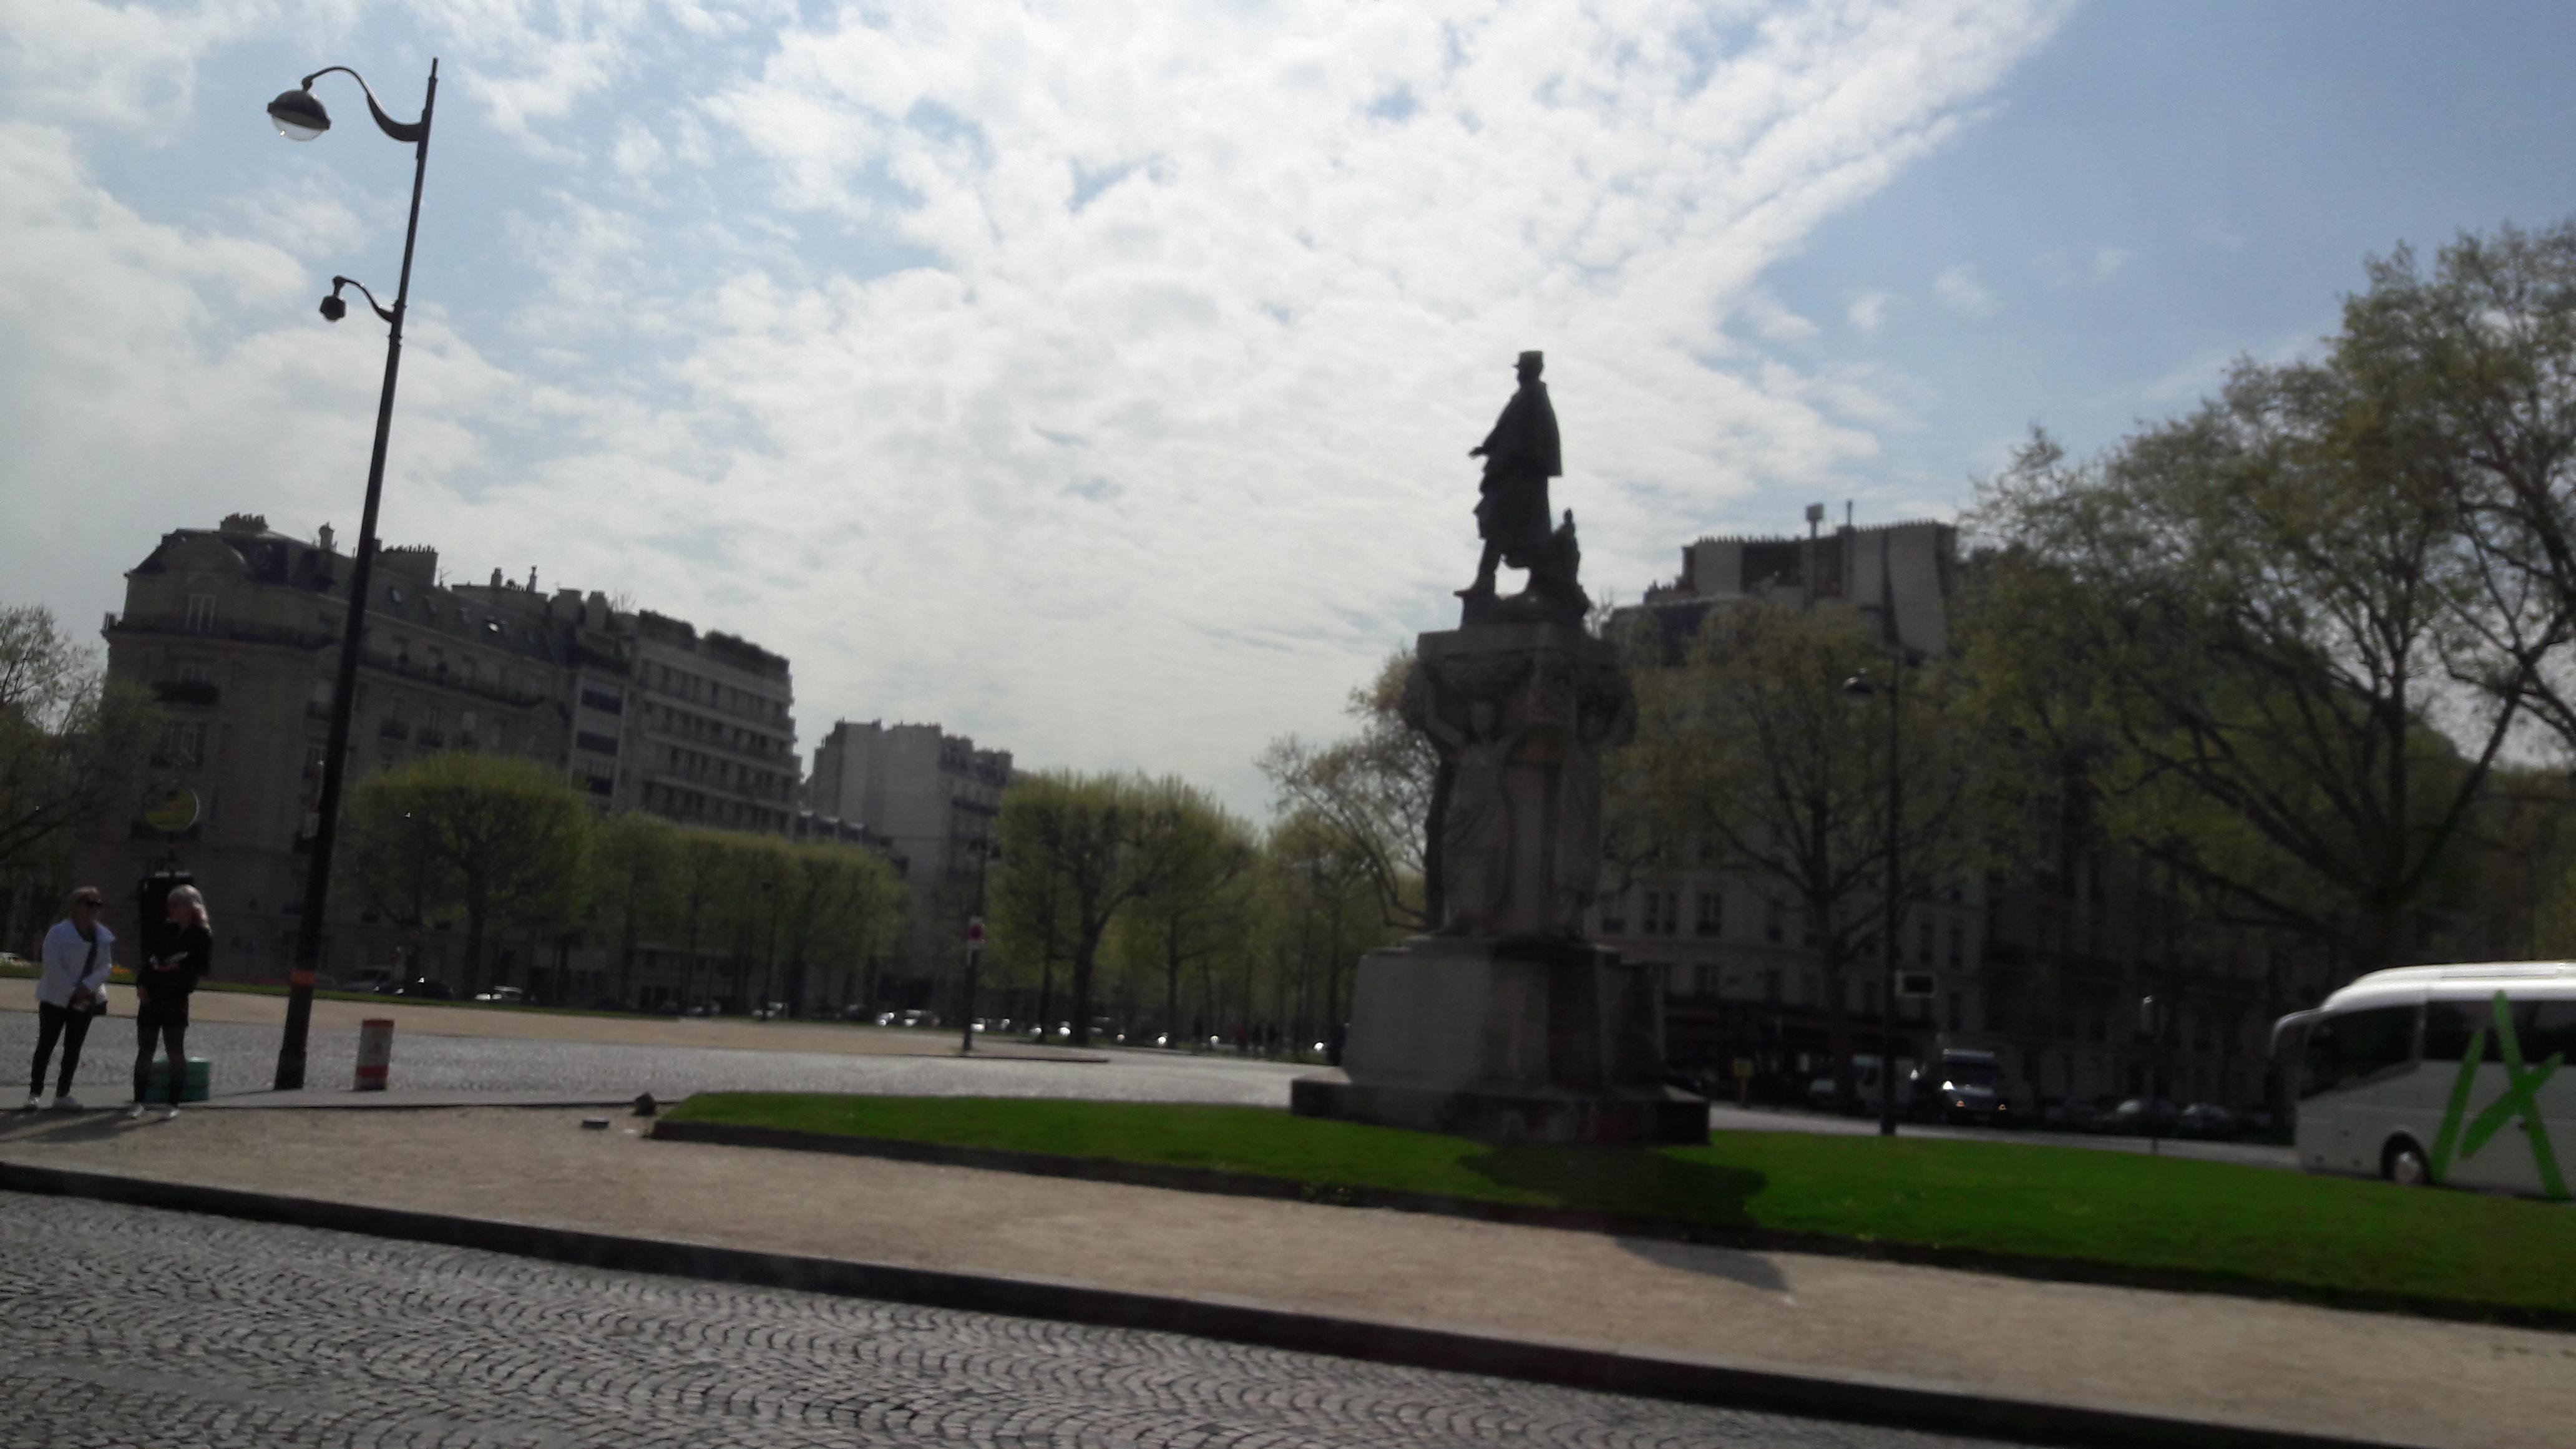 paris-ecole-militaire-statue-lyautey-apr17